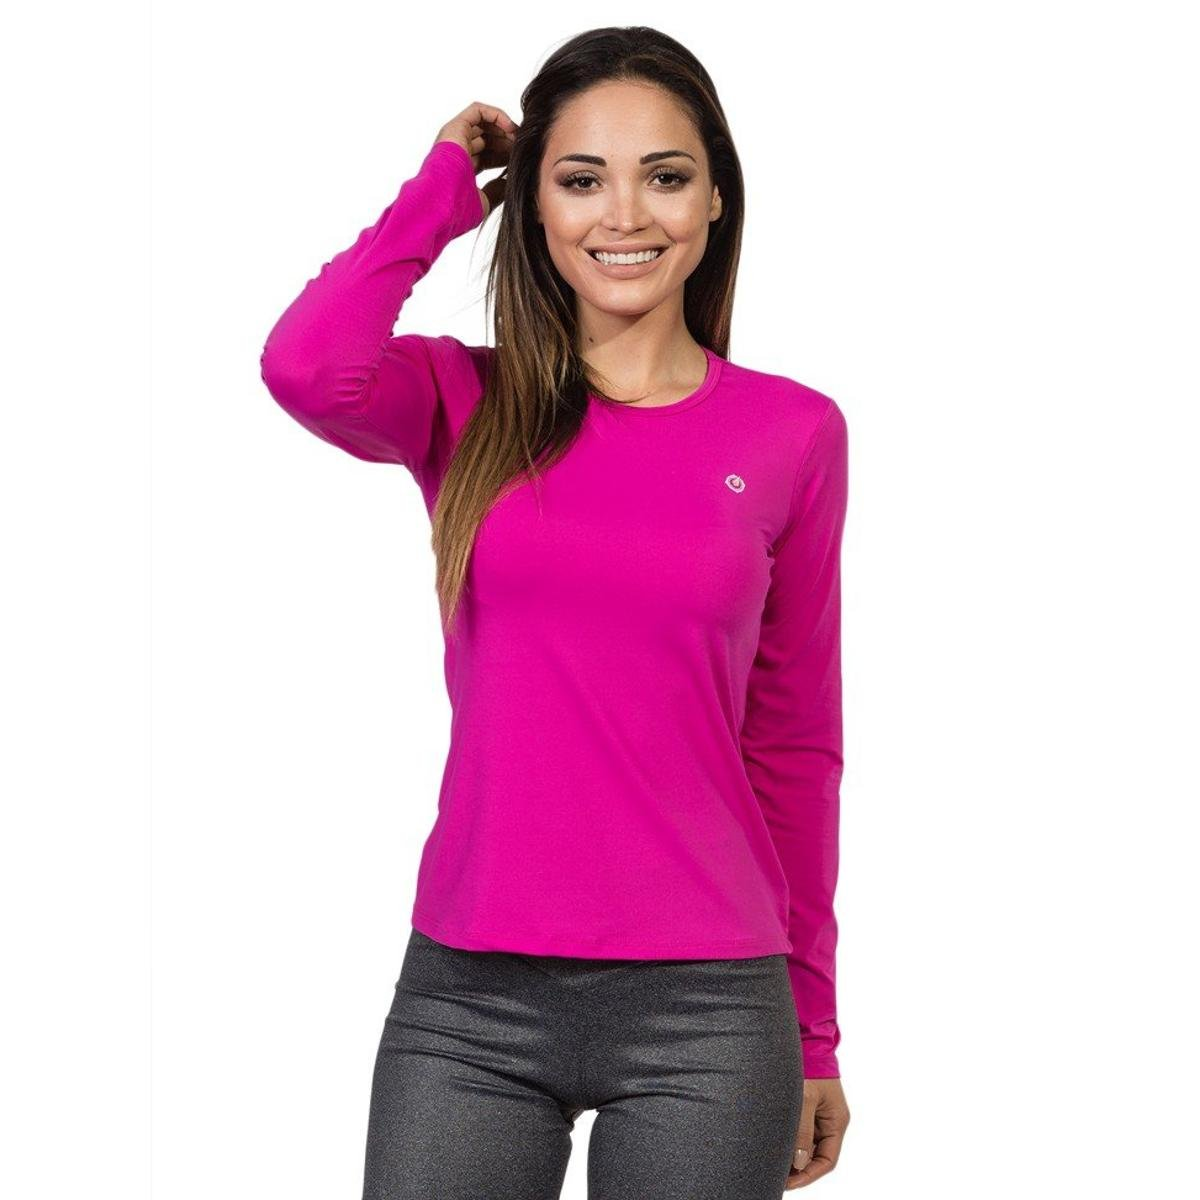 Solar Longa Proteção Extreme com Camiseta Ice Pink Manga UV qTgAUWnz